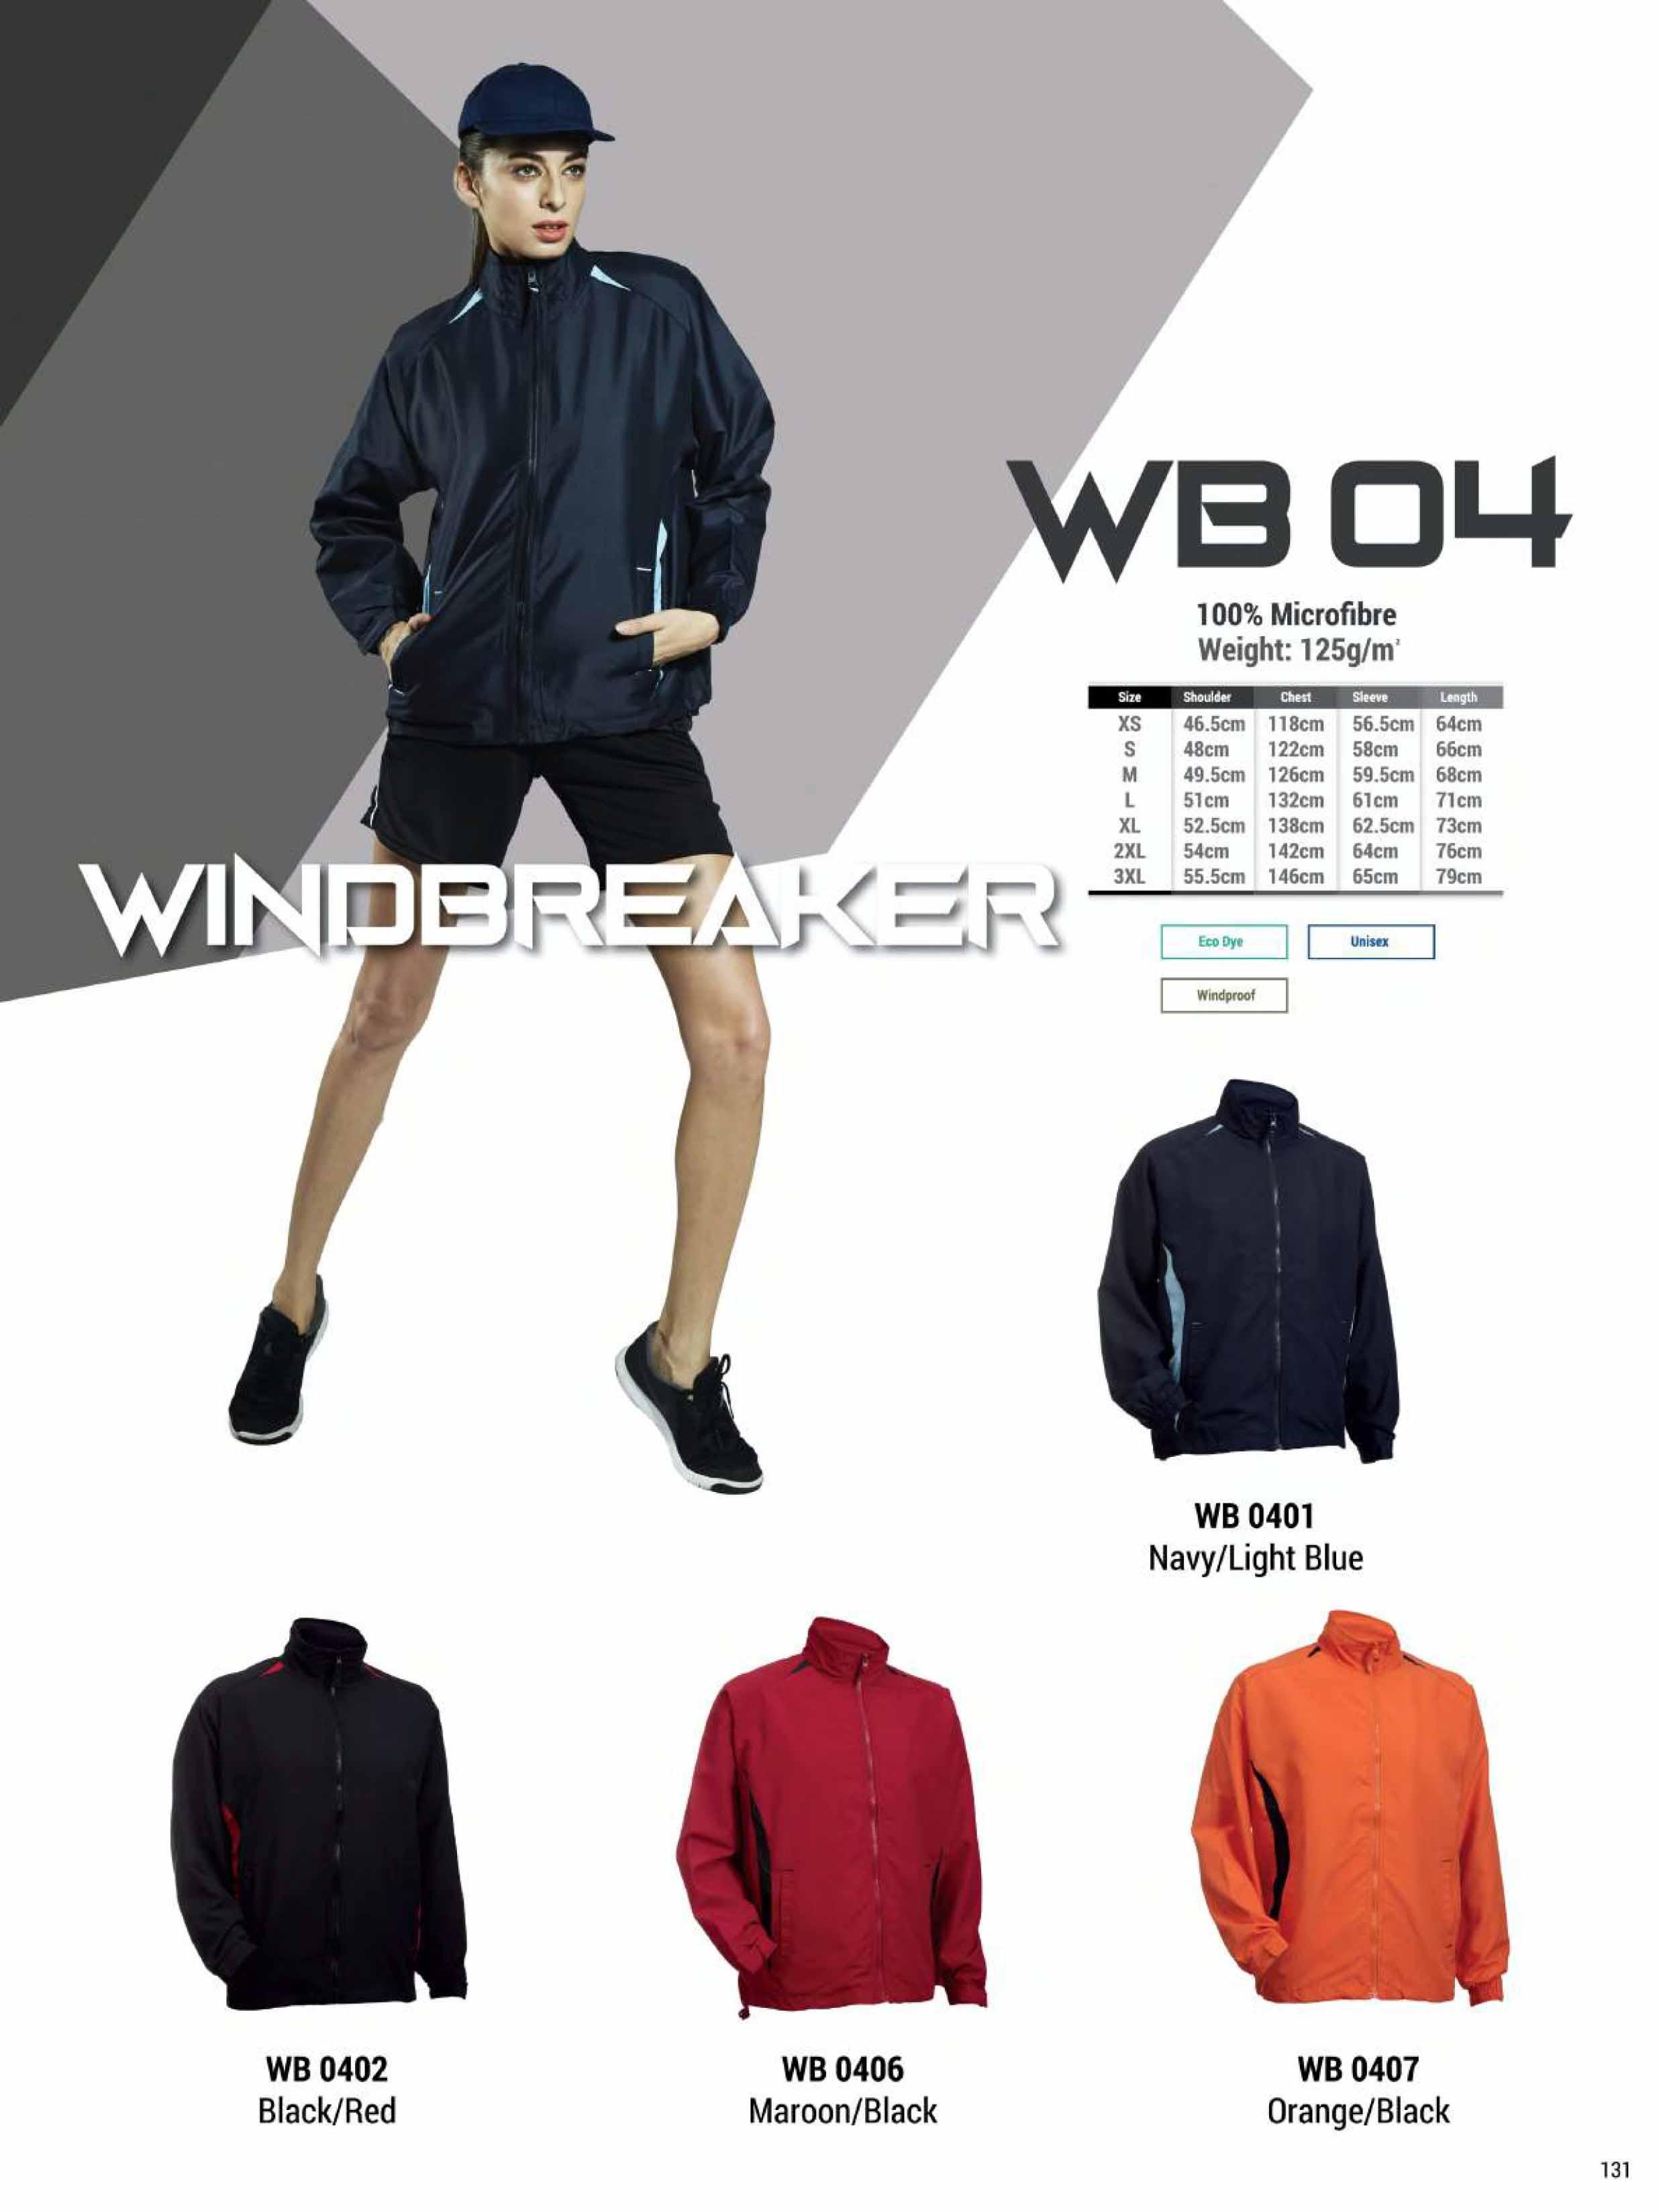 WB04 WINDBREAKER